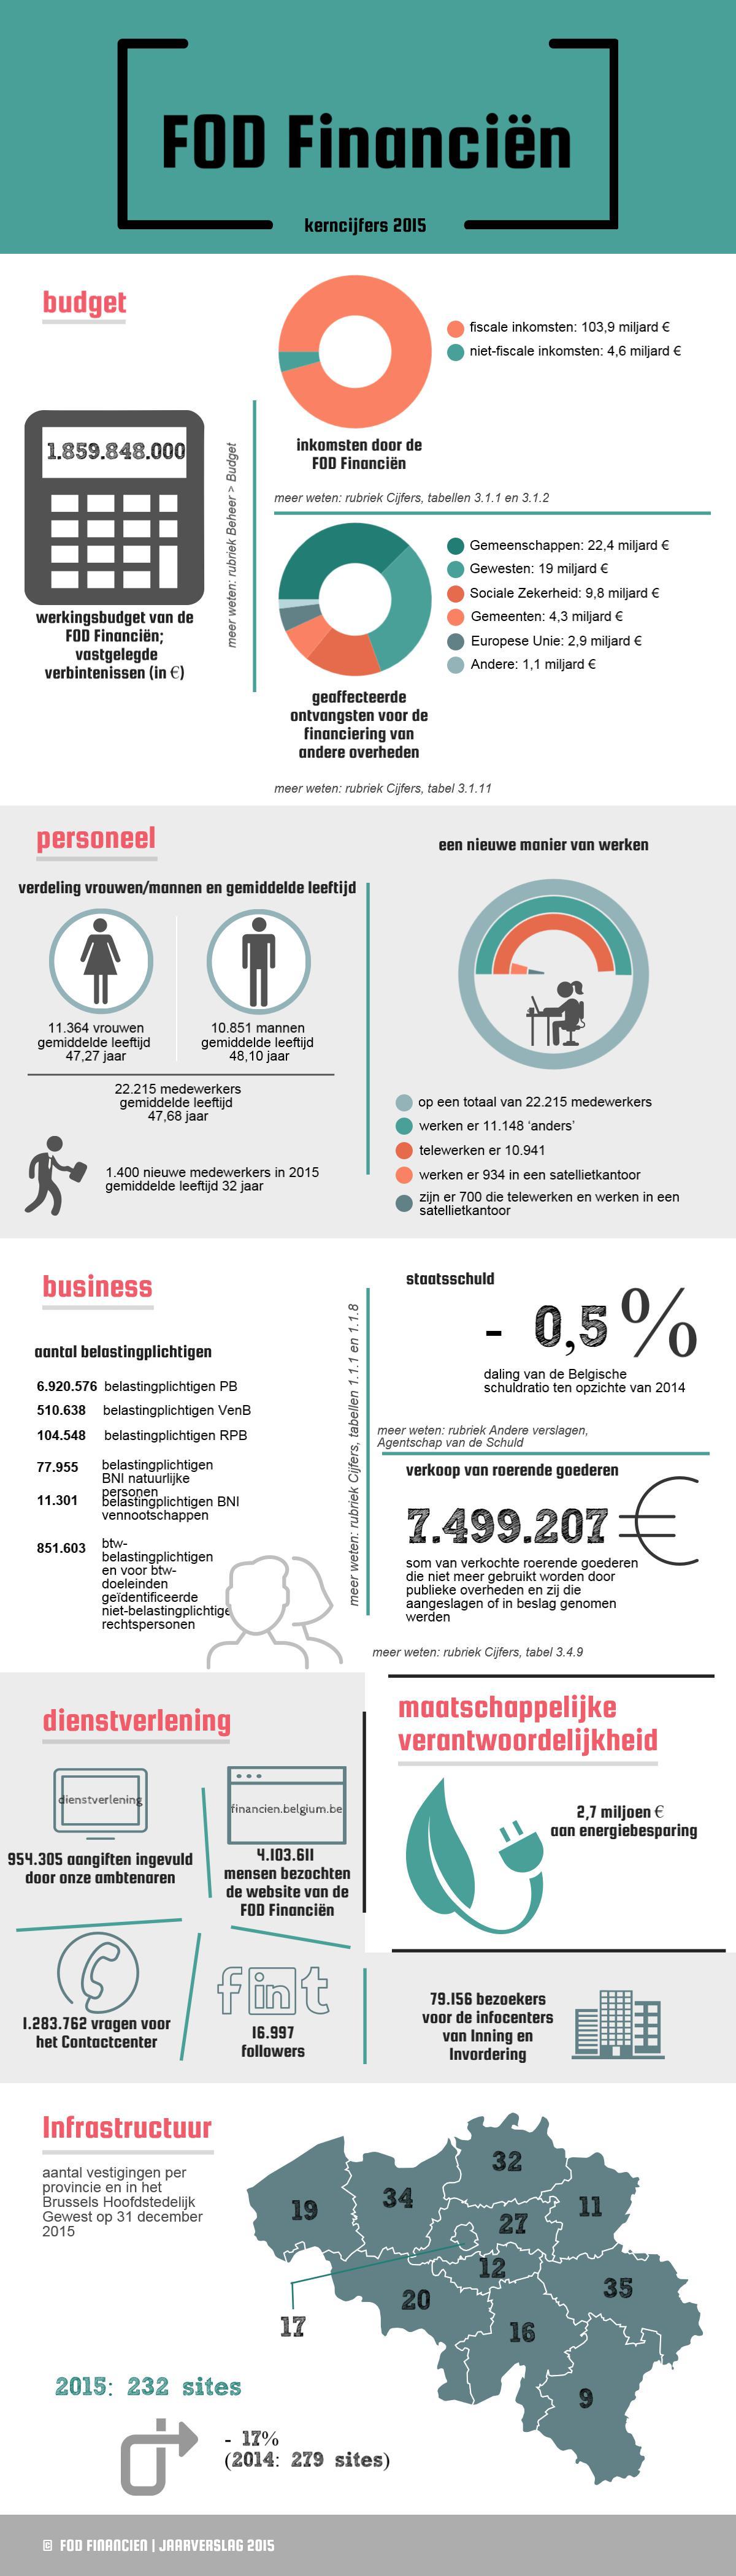 1.859.848.000 € werkingsbudget | fiscale inkomsten: 103,9 miljard € / niet-fiscale inkomsten: 4,6 miljard € | geaffecteerde ontvangsten: Gemeenschappen: 22,4 miljard € / Gewesten: 19 miljard € / Sociale Zekerheid: 9,8 miljard € | 22.215 medewerkers gemiddelde leeftijd 47,68 jaar | 11.148 medewerkers 'anders' | 8.476.621 belastingplichtigen | Staatschuld : -0,5% | Verkoop van roerende goederen : 7.499.207  € | 954.305 aangiften ingevuld door onze ambtenaren / 2,7 miljoen € energiebesparing | 232 sites 2015